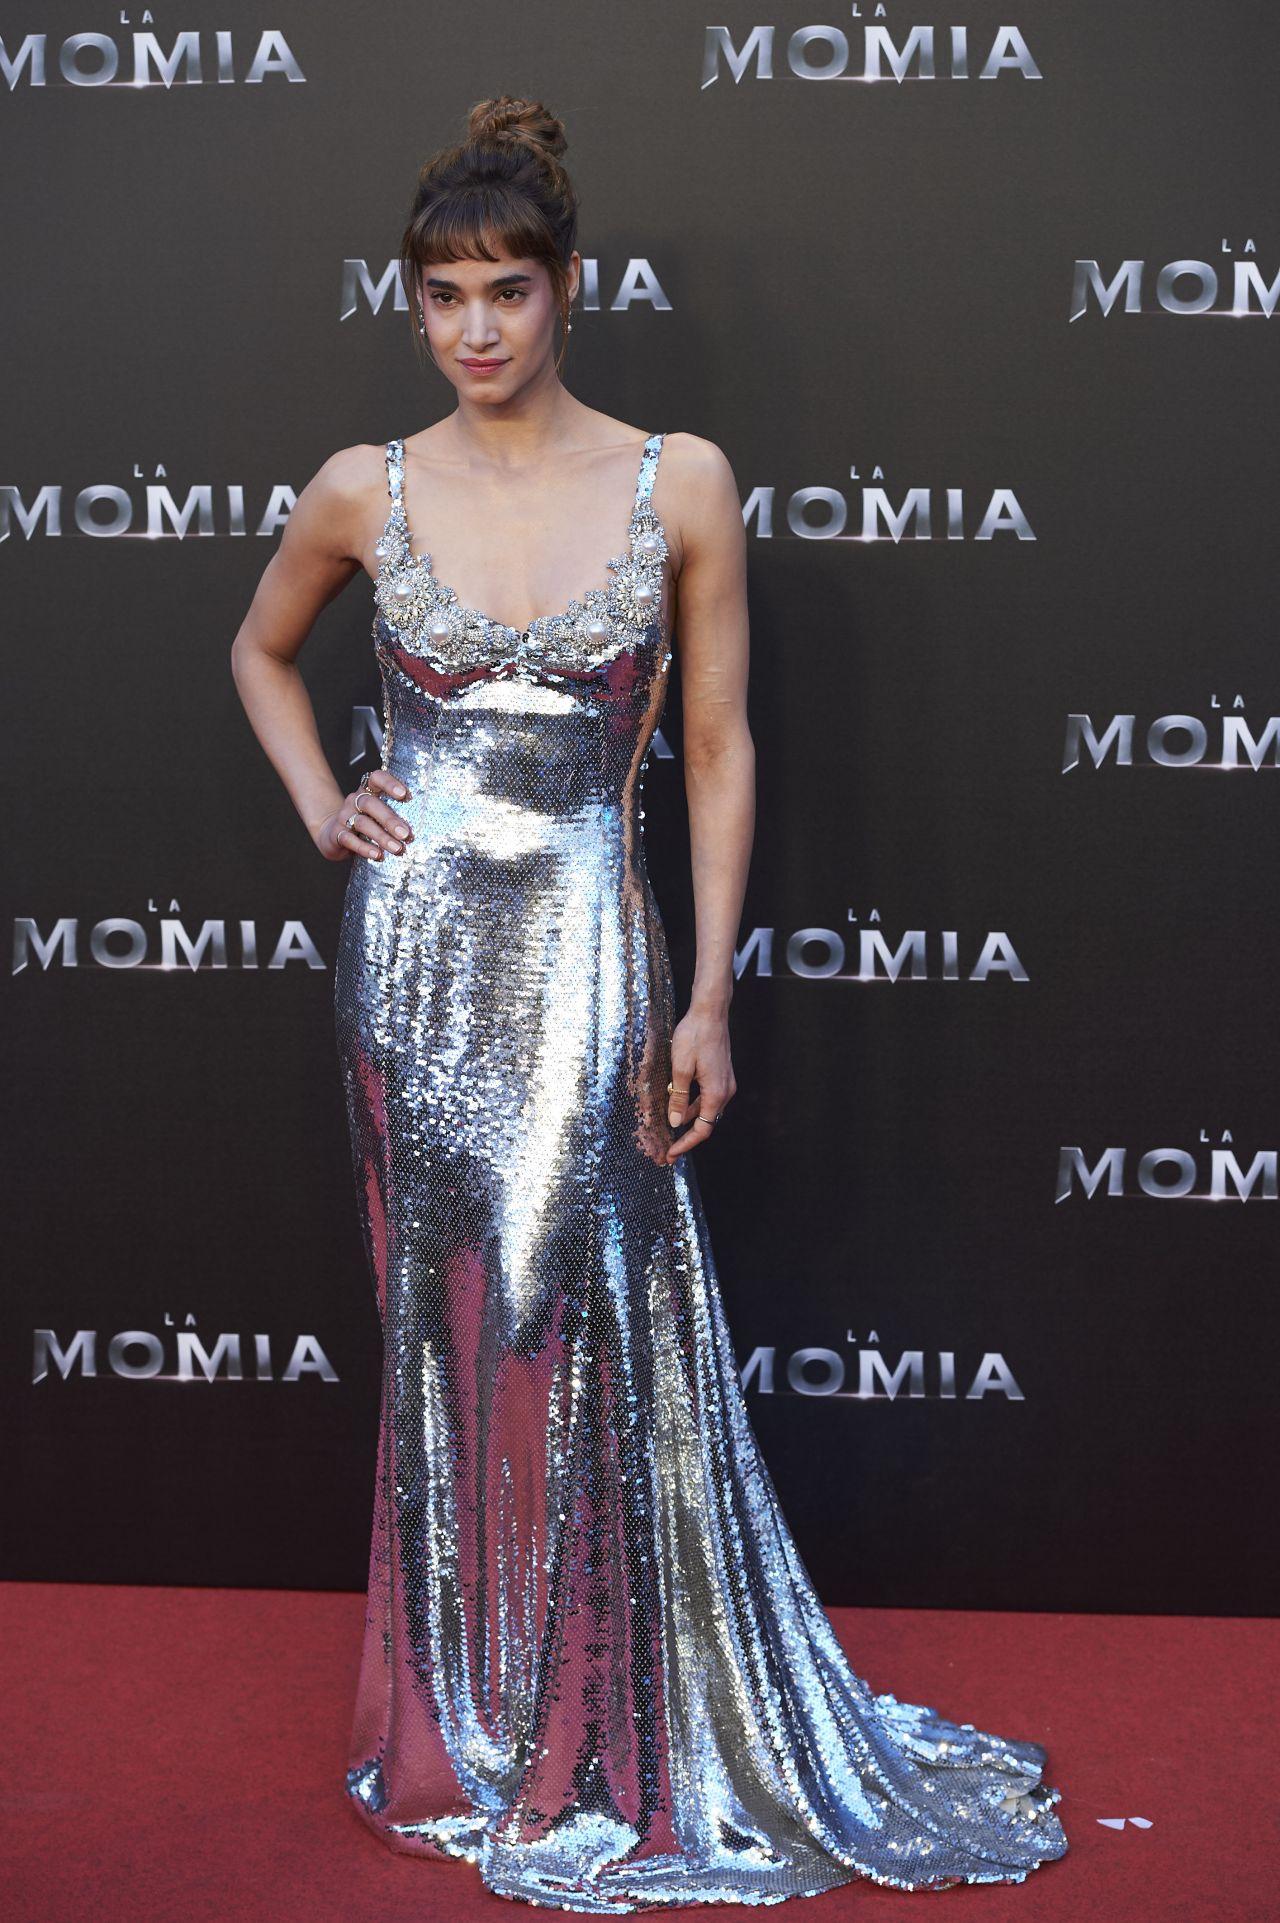 http://celebmafia.com/wp-content/uploads/2017/05/sofia-boutella-the-mummy-premiere-in-madrid-05-29-2017-6.jpg